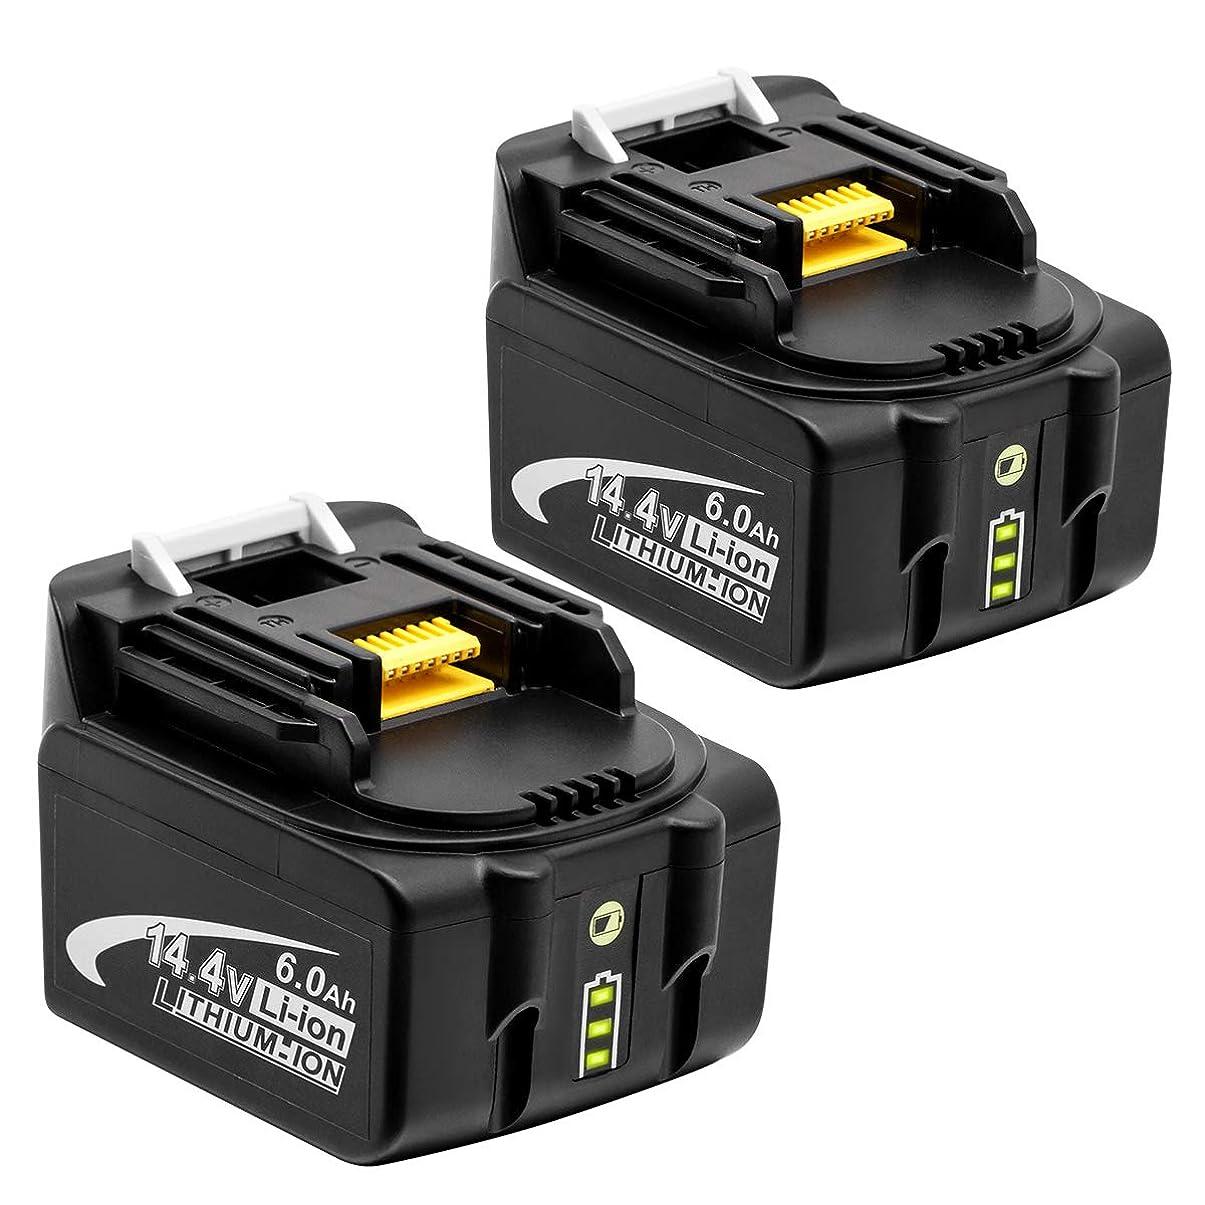 マージうんオリエンテーションEndro マキタ14.4vバッテリーbl1460b マキタ互換バッテリーマキタ14.4v 6000mAhバッテリー BL1460B BL1430 BL1440 BL1450 BL1460 対応 LED残量表示付き 二個セット